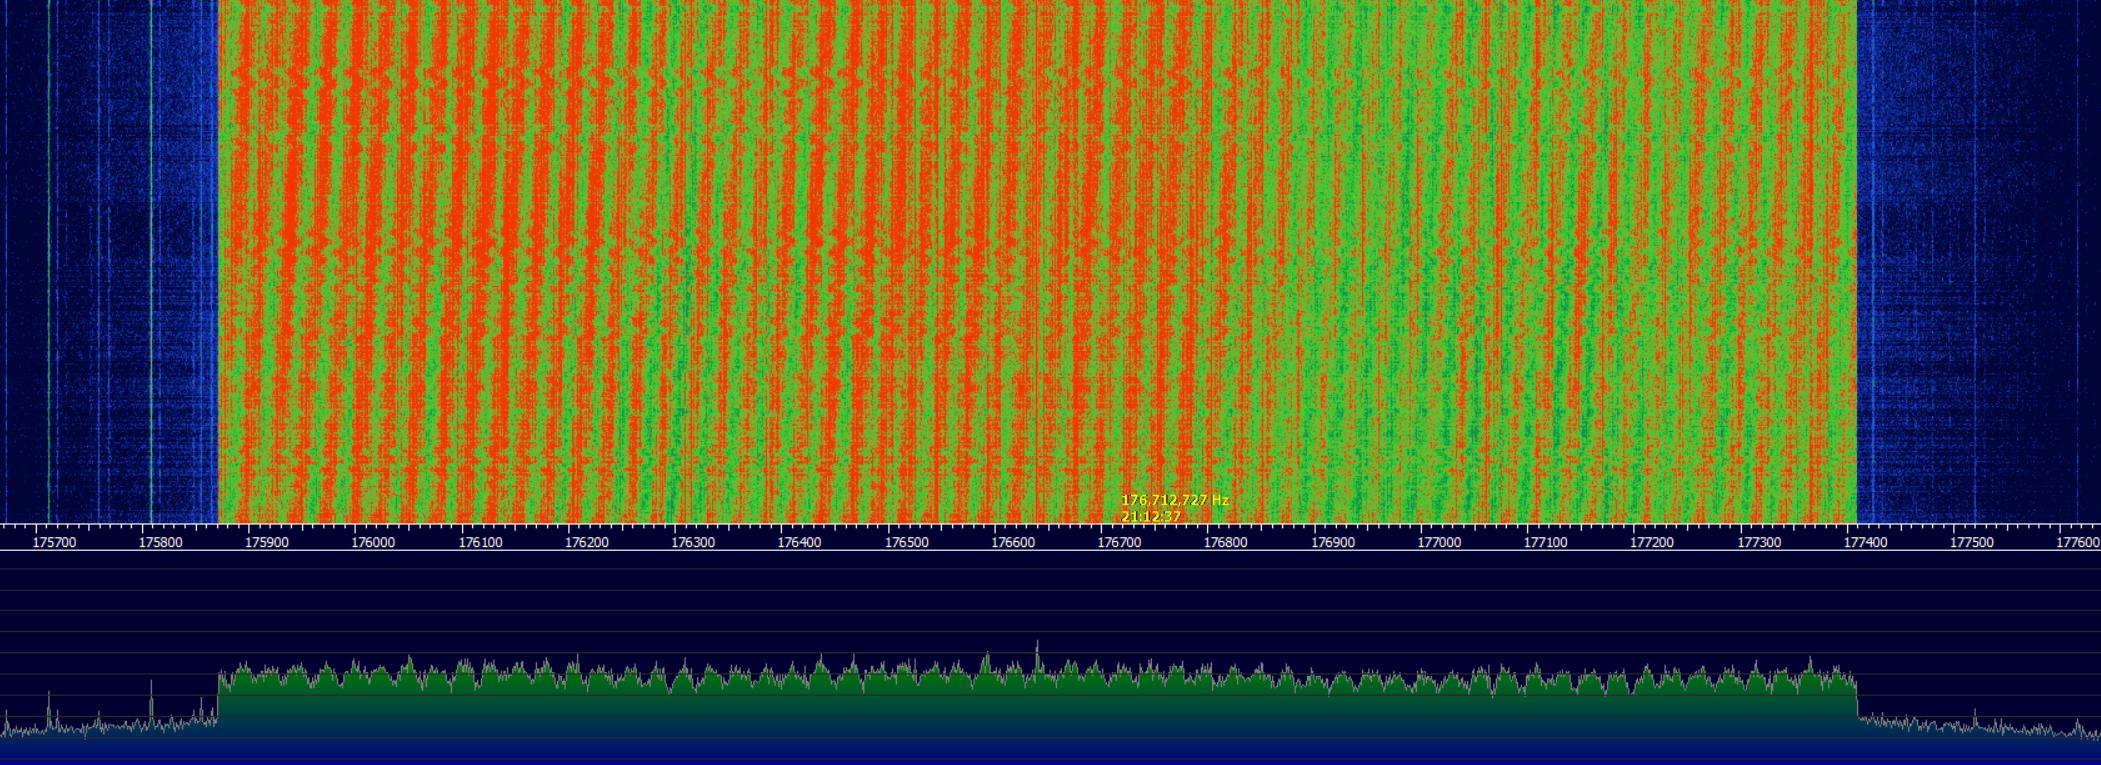 Цифровое радио DAB+ — как это работает и нужно ли оно вообще? - 3